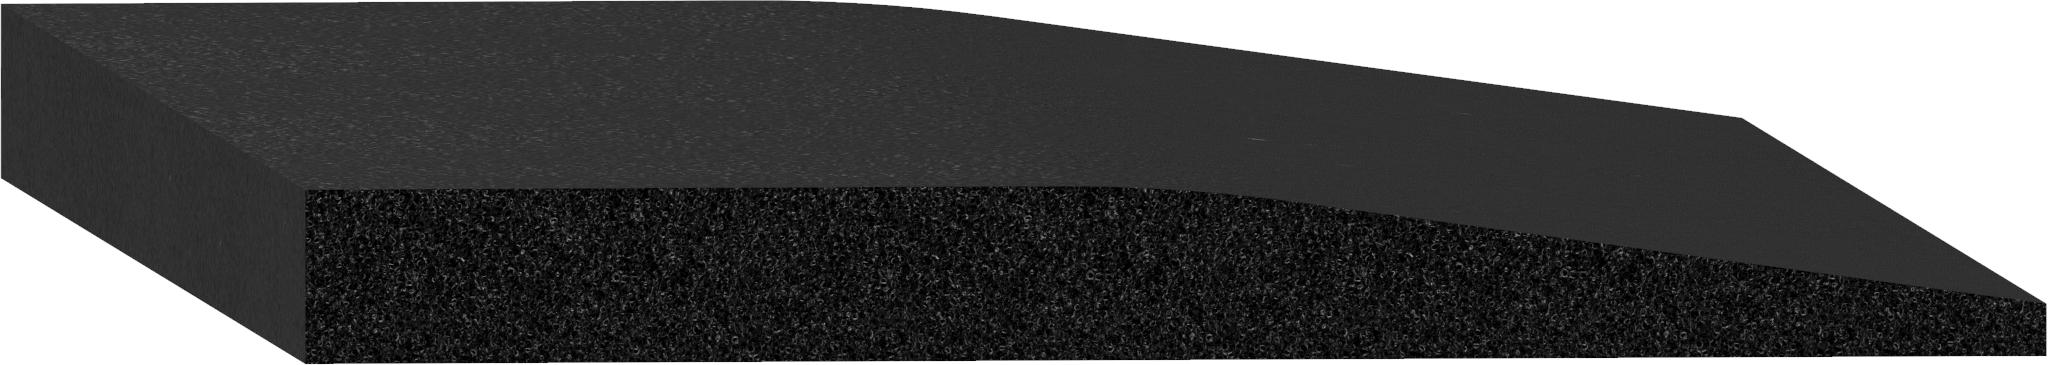 Uni-Grip part: TH-200